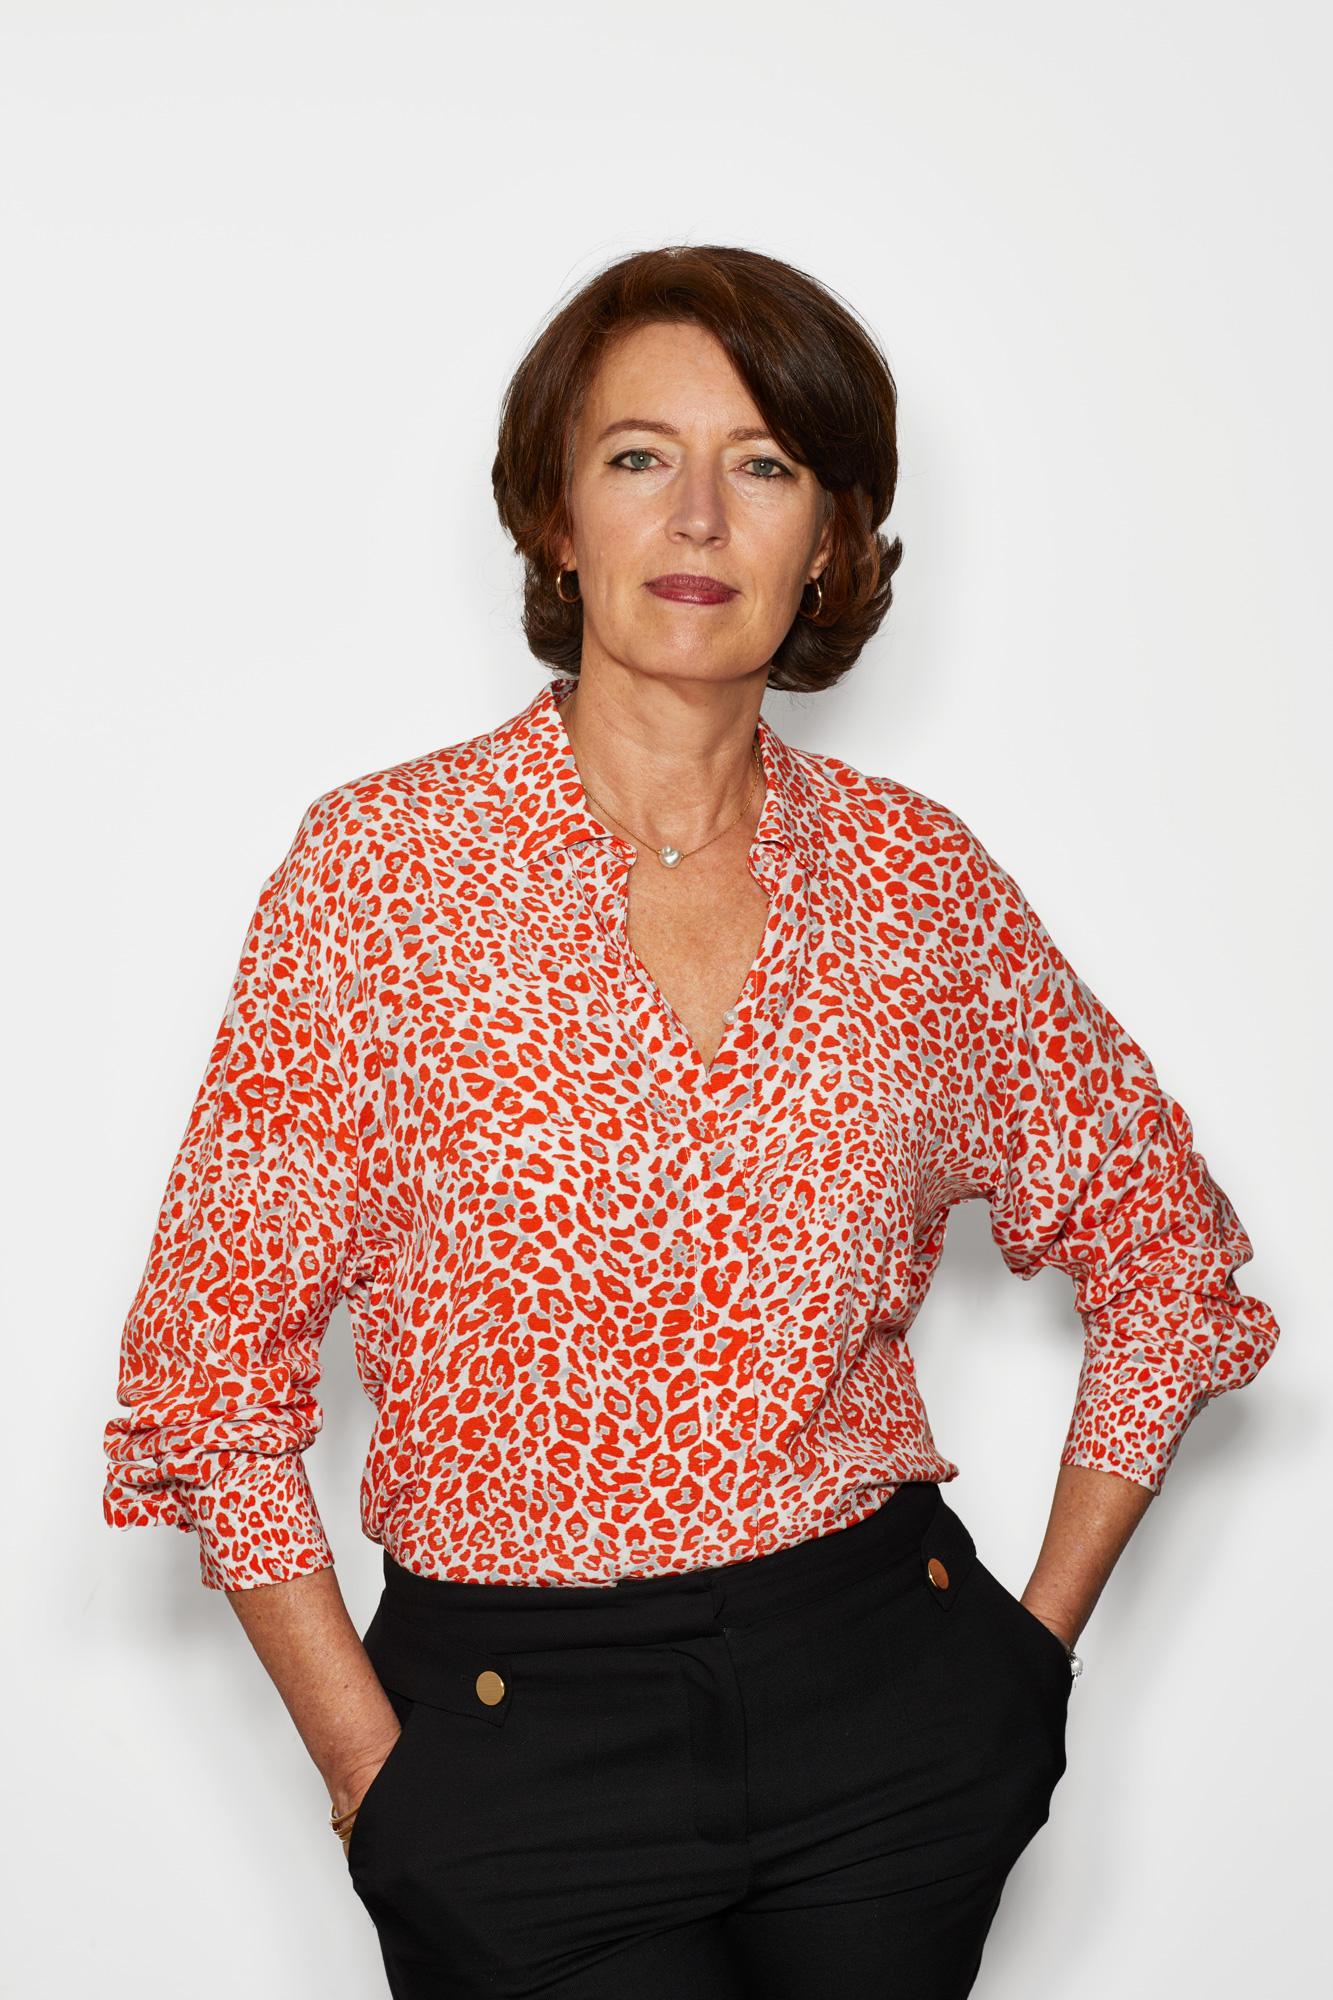 Cécile Poinsard-Durand